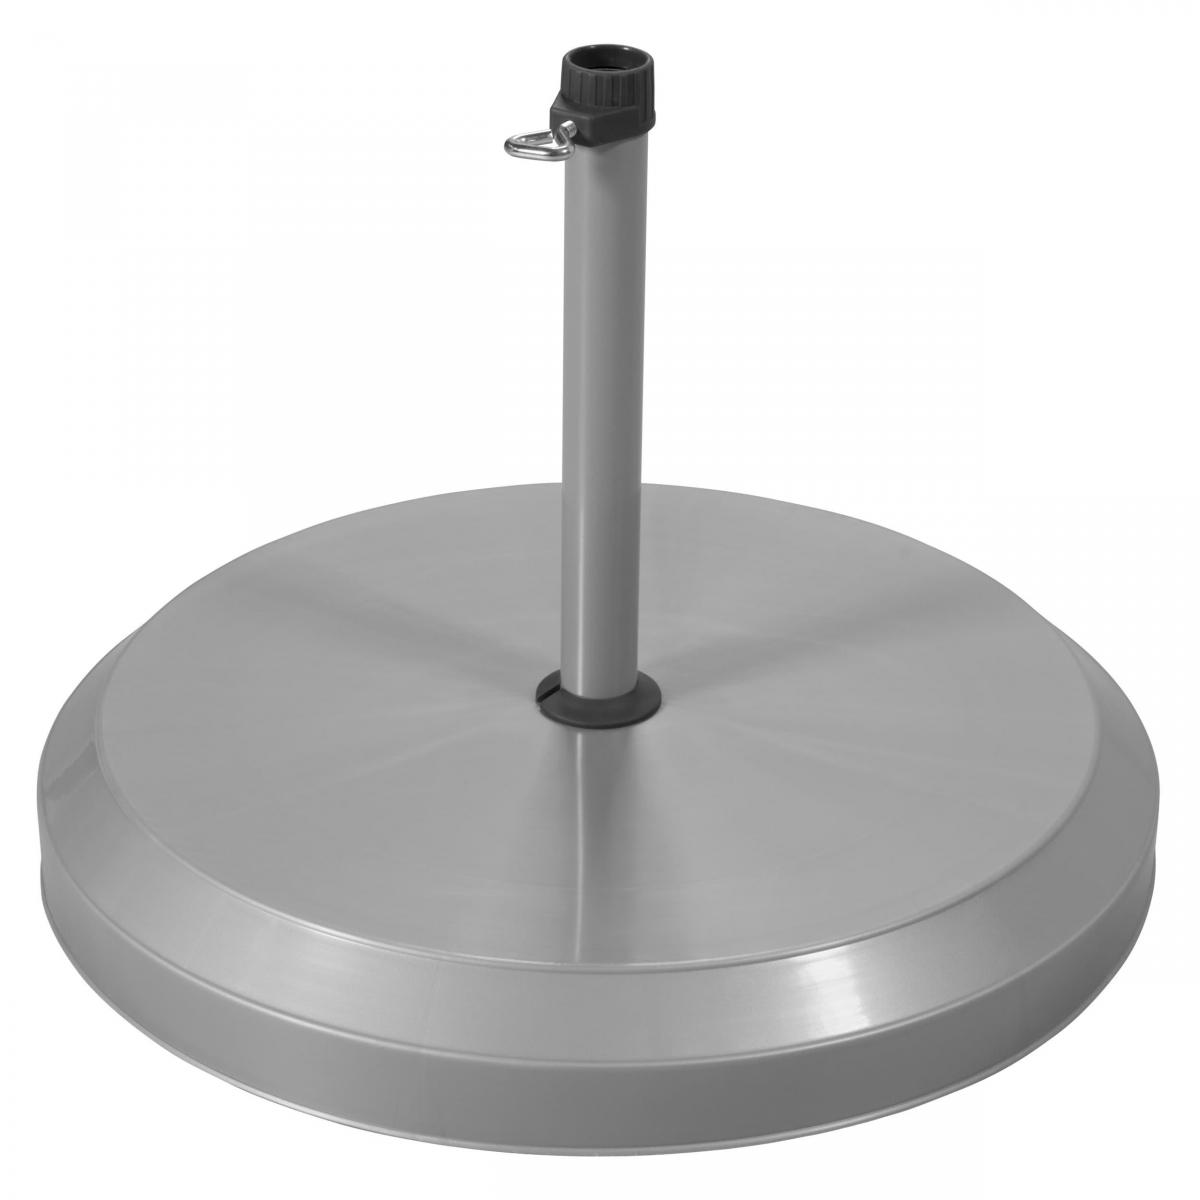 Betonový stojan pro zahradní slunečníky 20 kg - Stříbrná